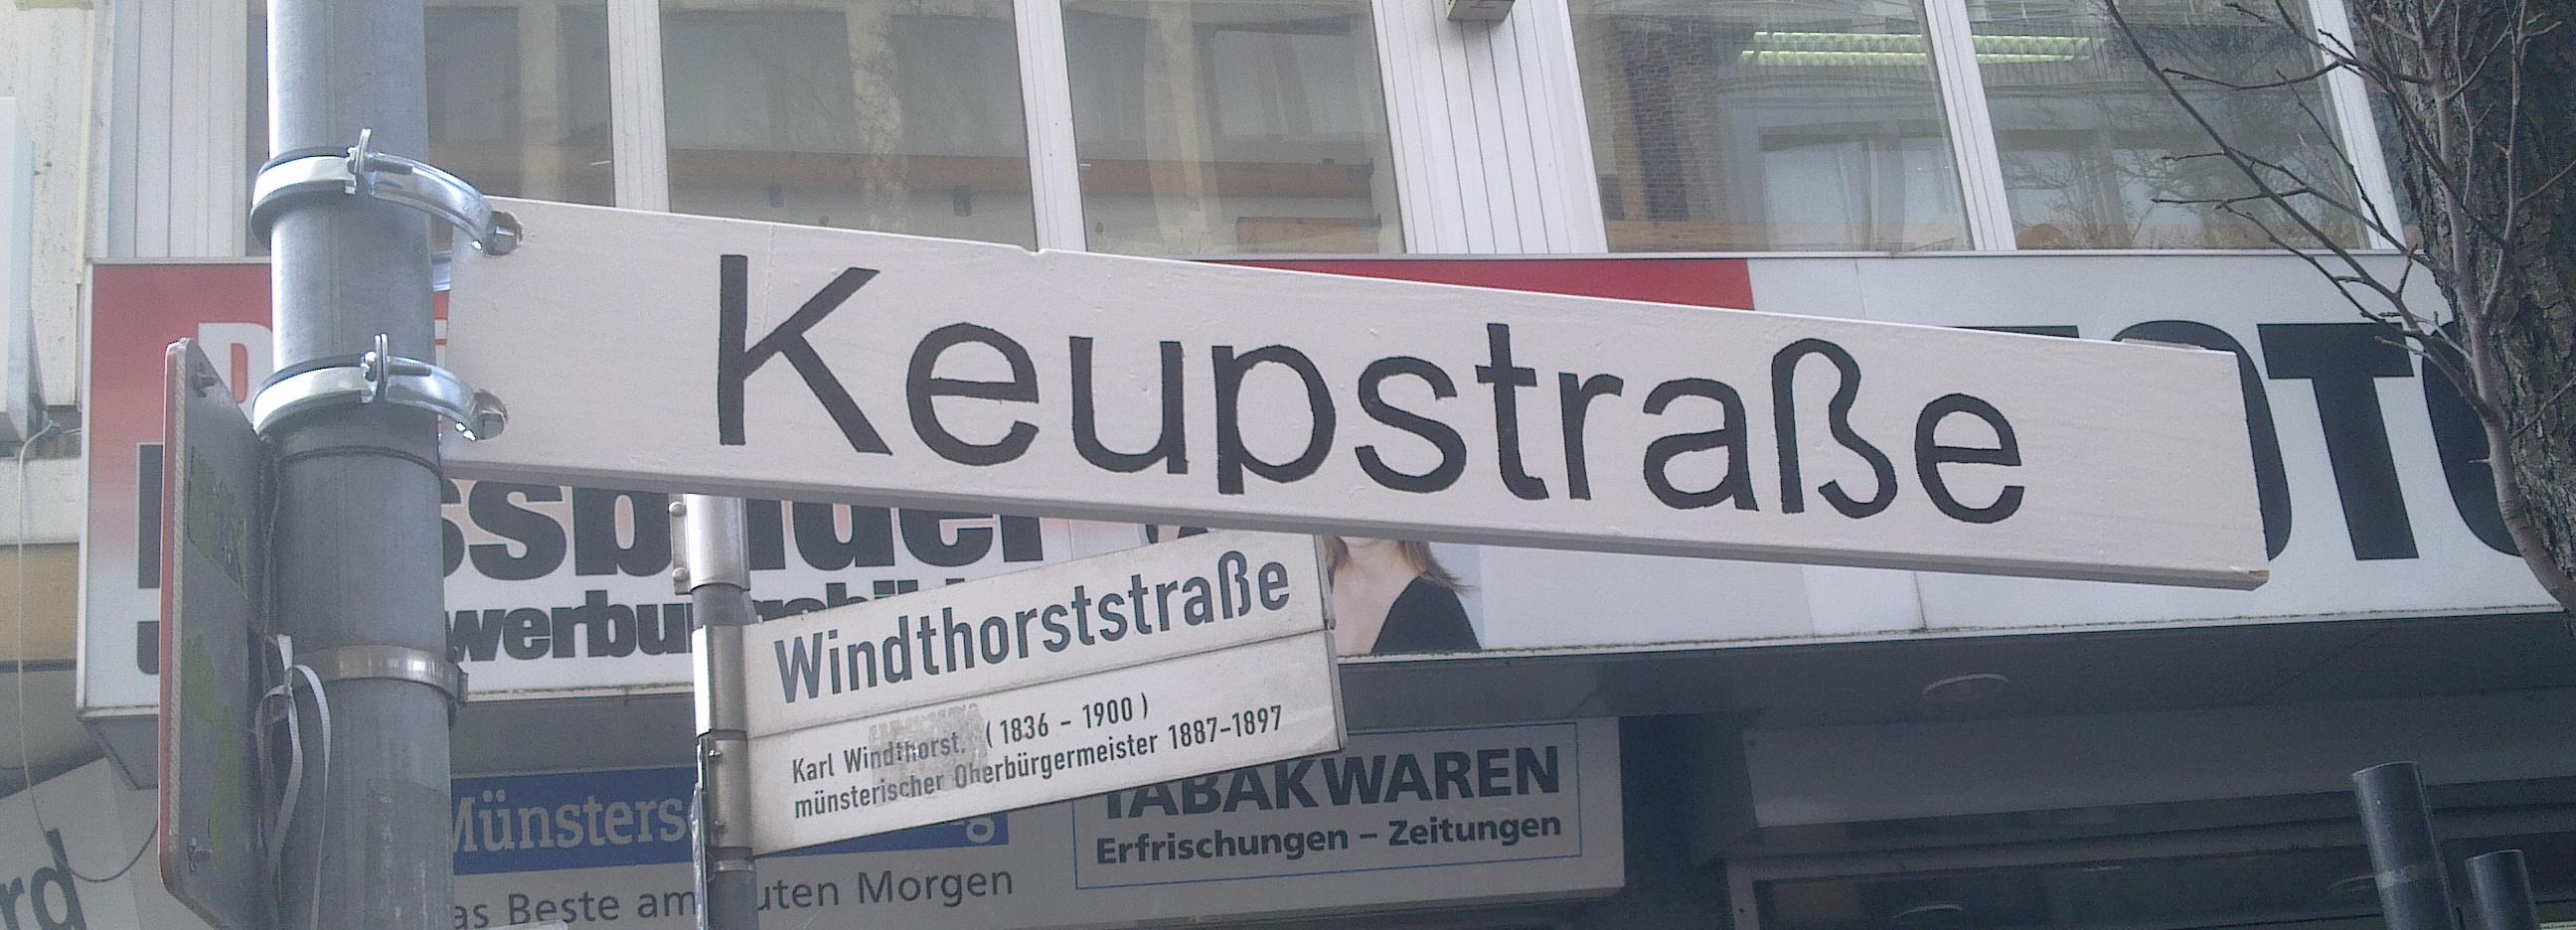 Keupstraße ist überall!